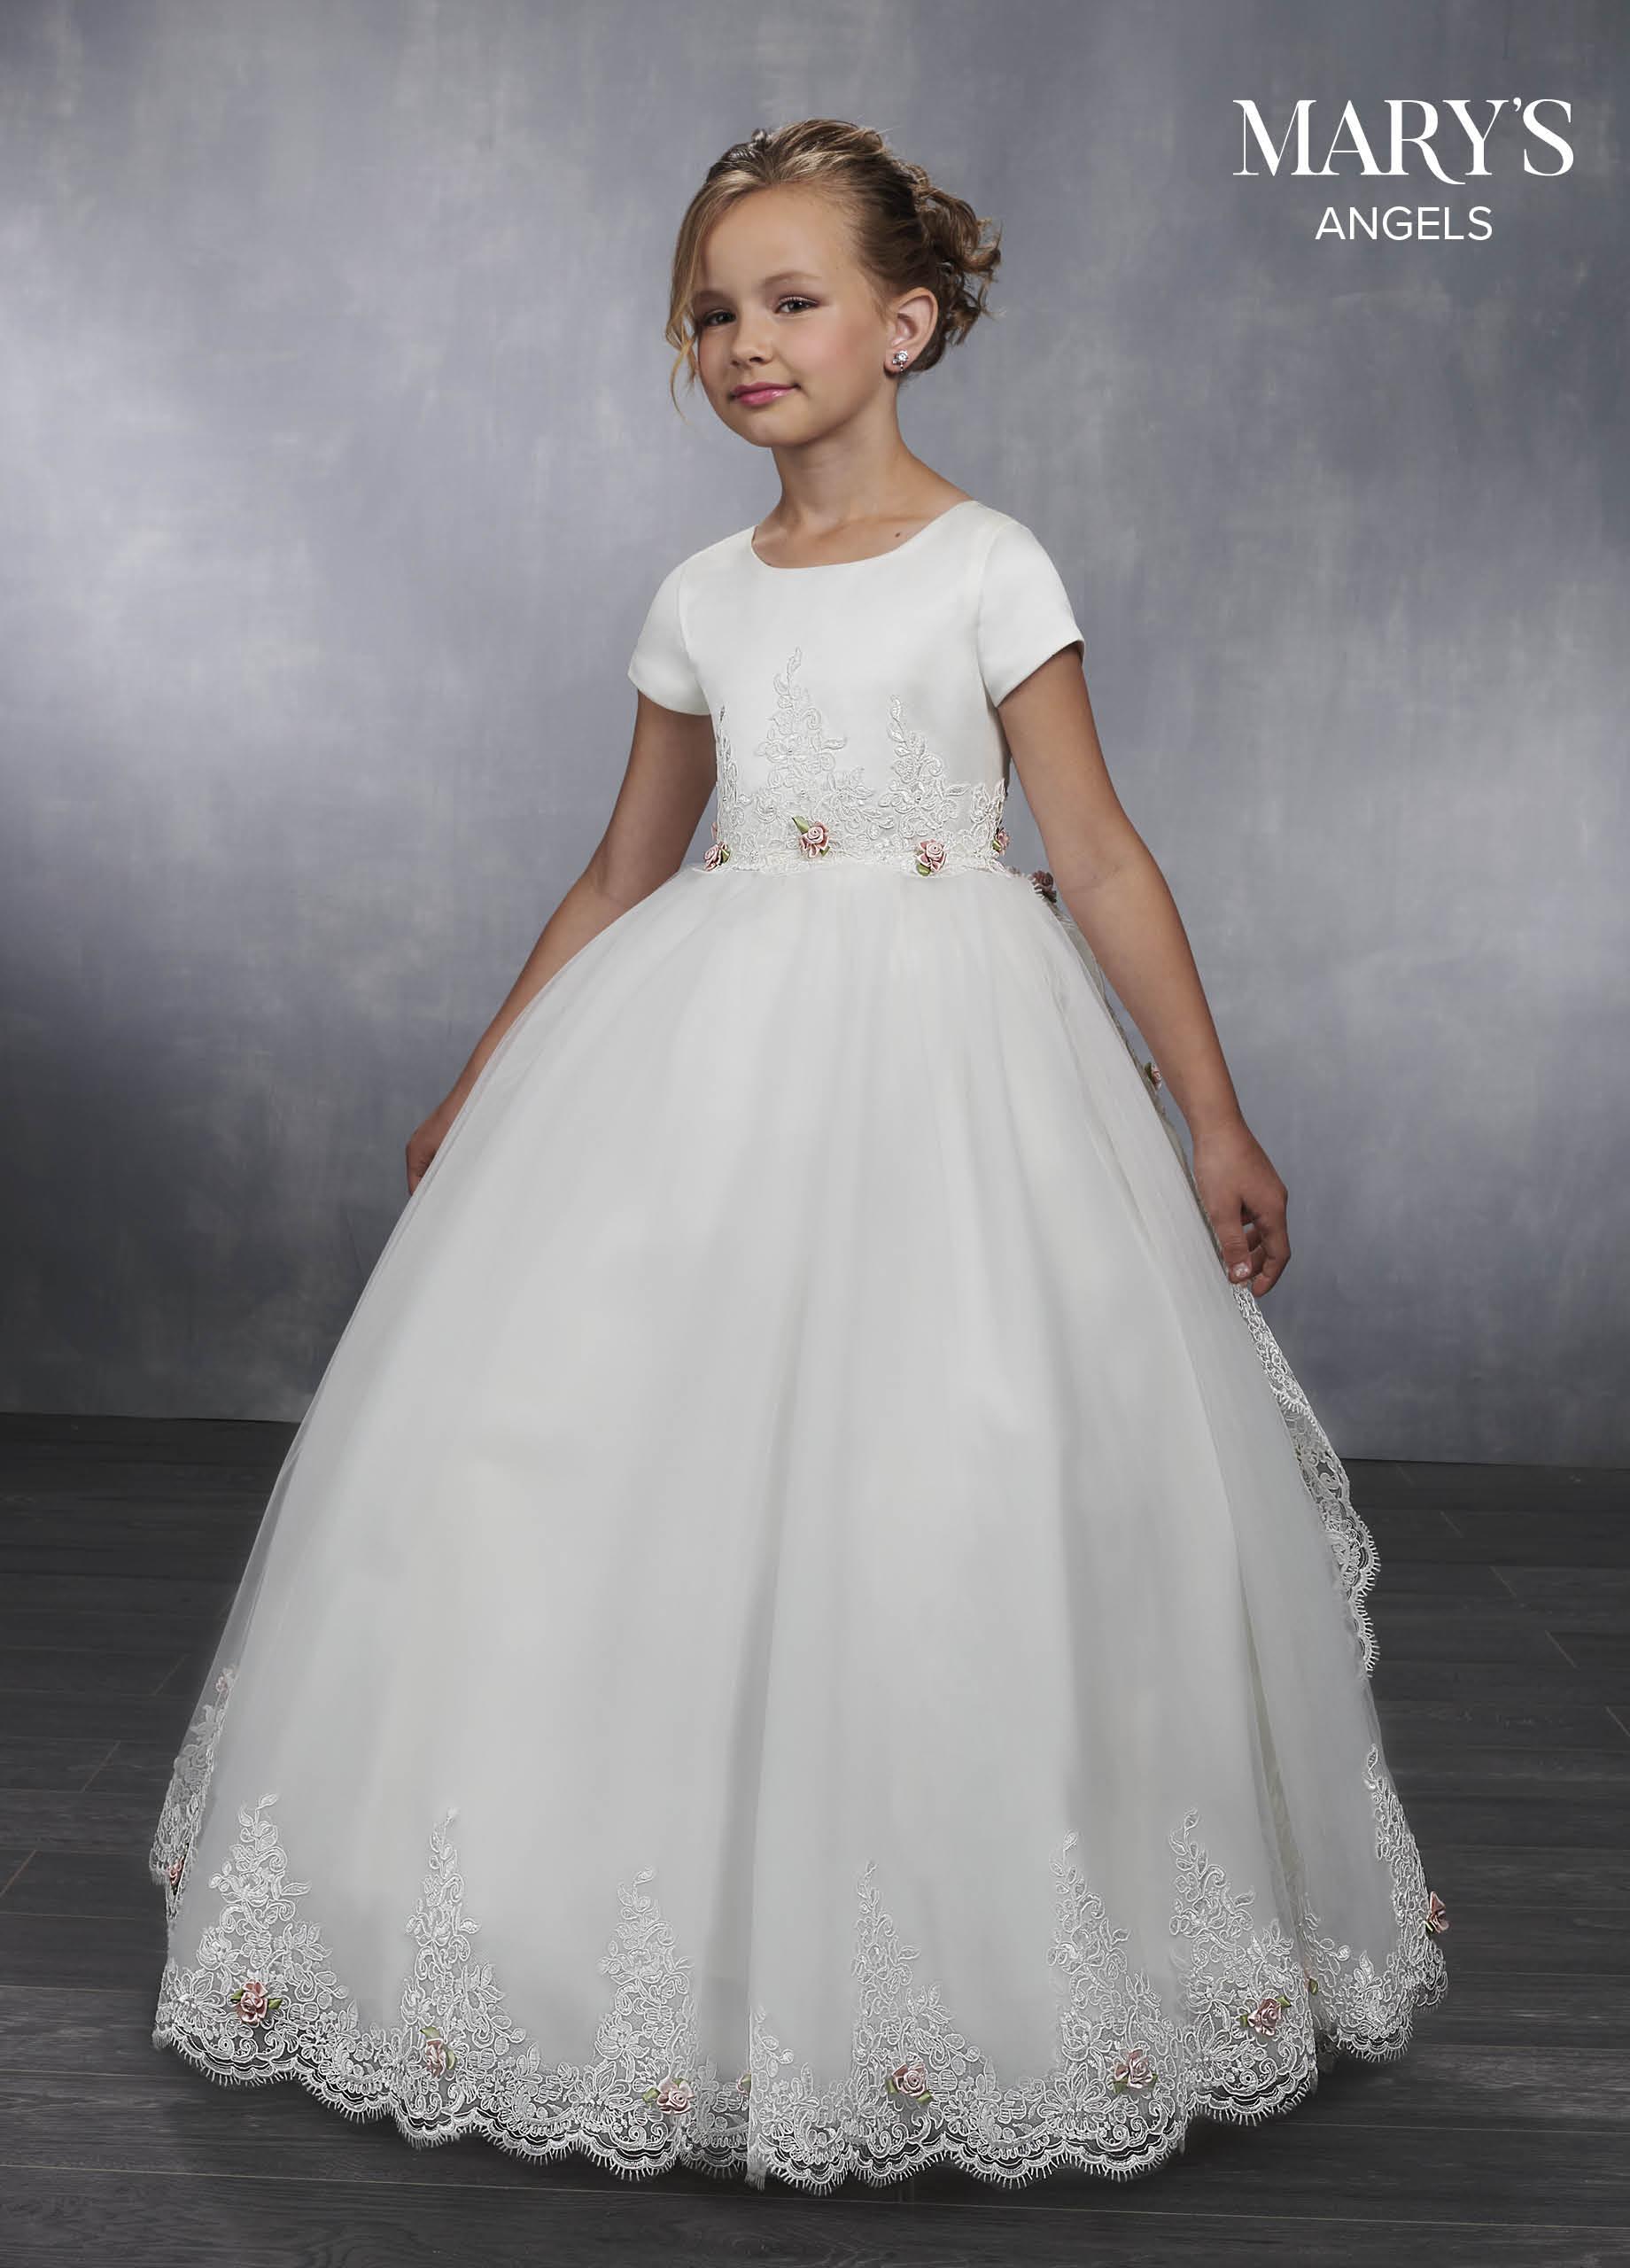 809e0d3afc1 Angel Flower Girl Dresses